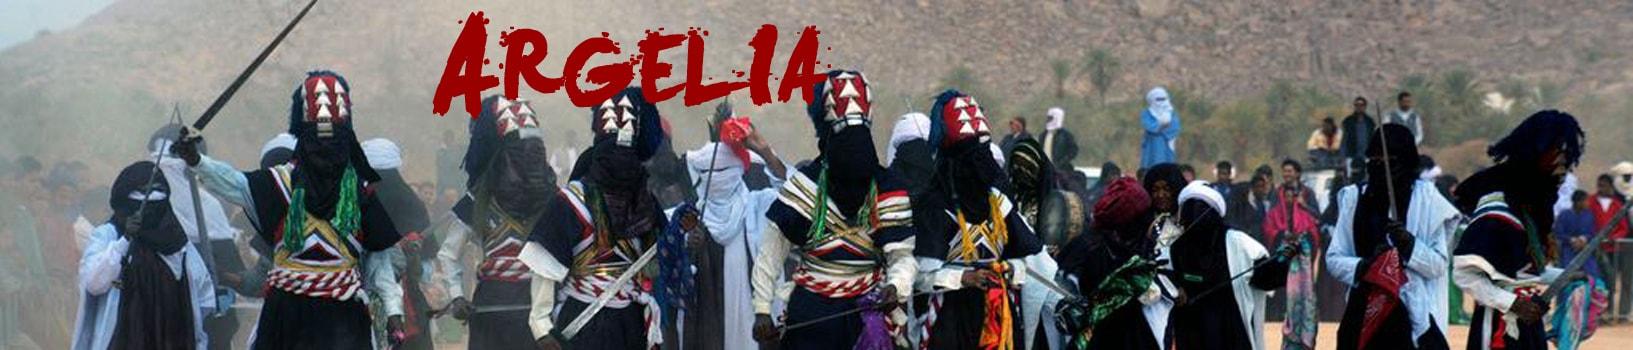 viaje-argelia